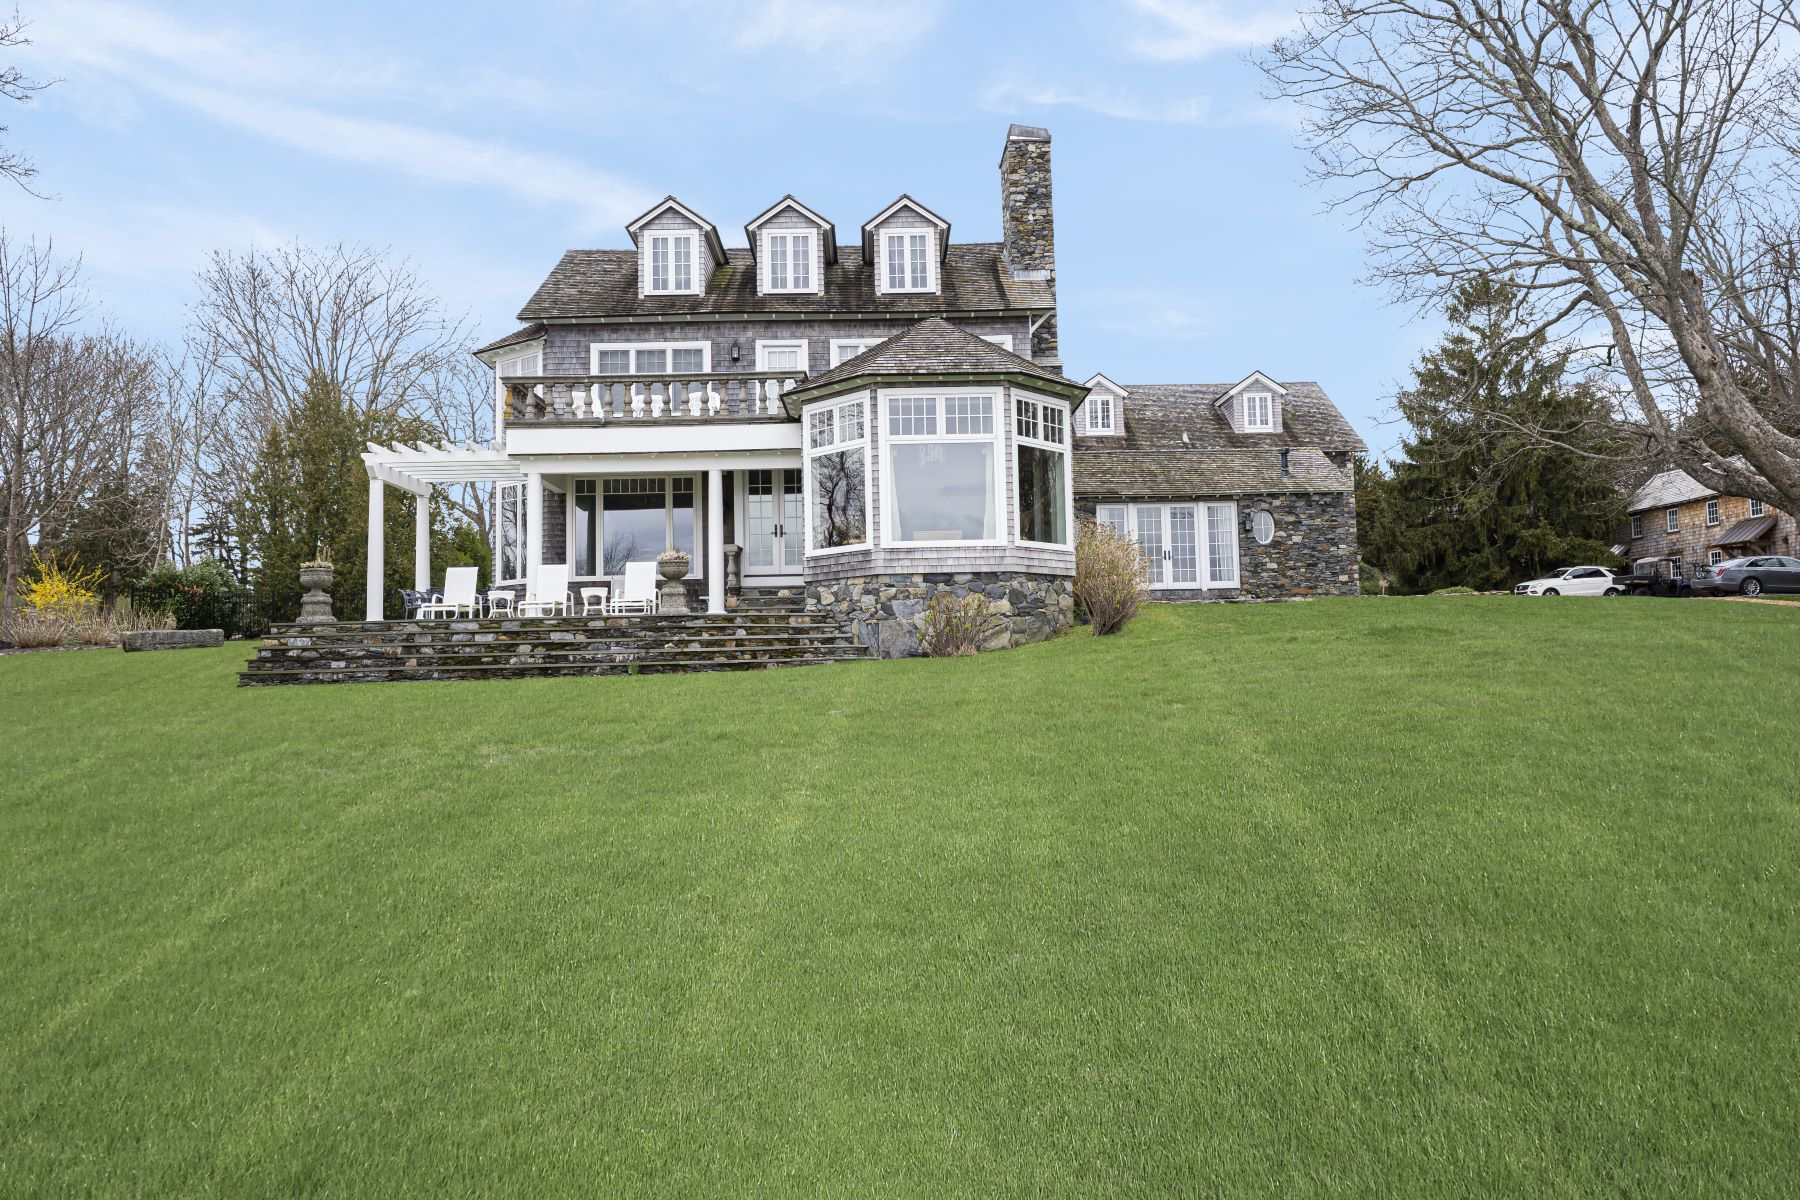 Additional photo for property listing at 256 E Shore Road, Jamestown, RI 256 E Shore Road Jamestown, Rhode Island 02835 Estados Unidos